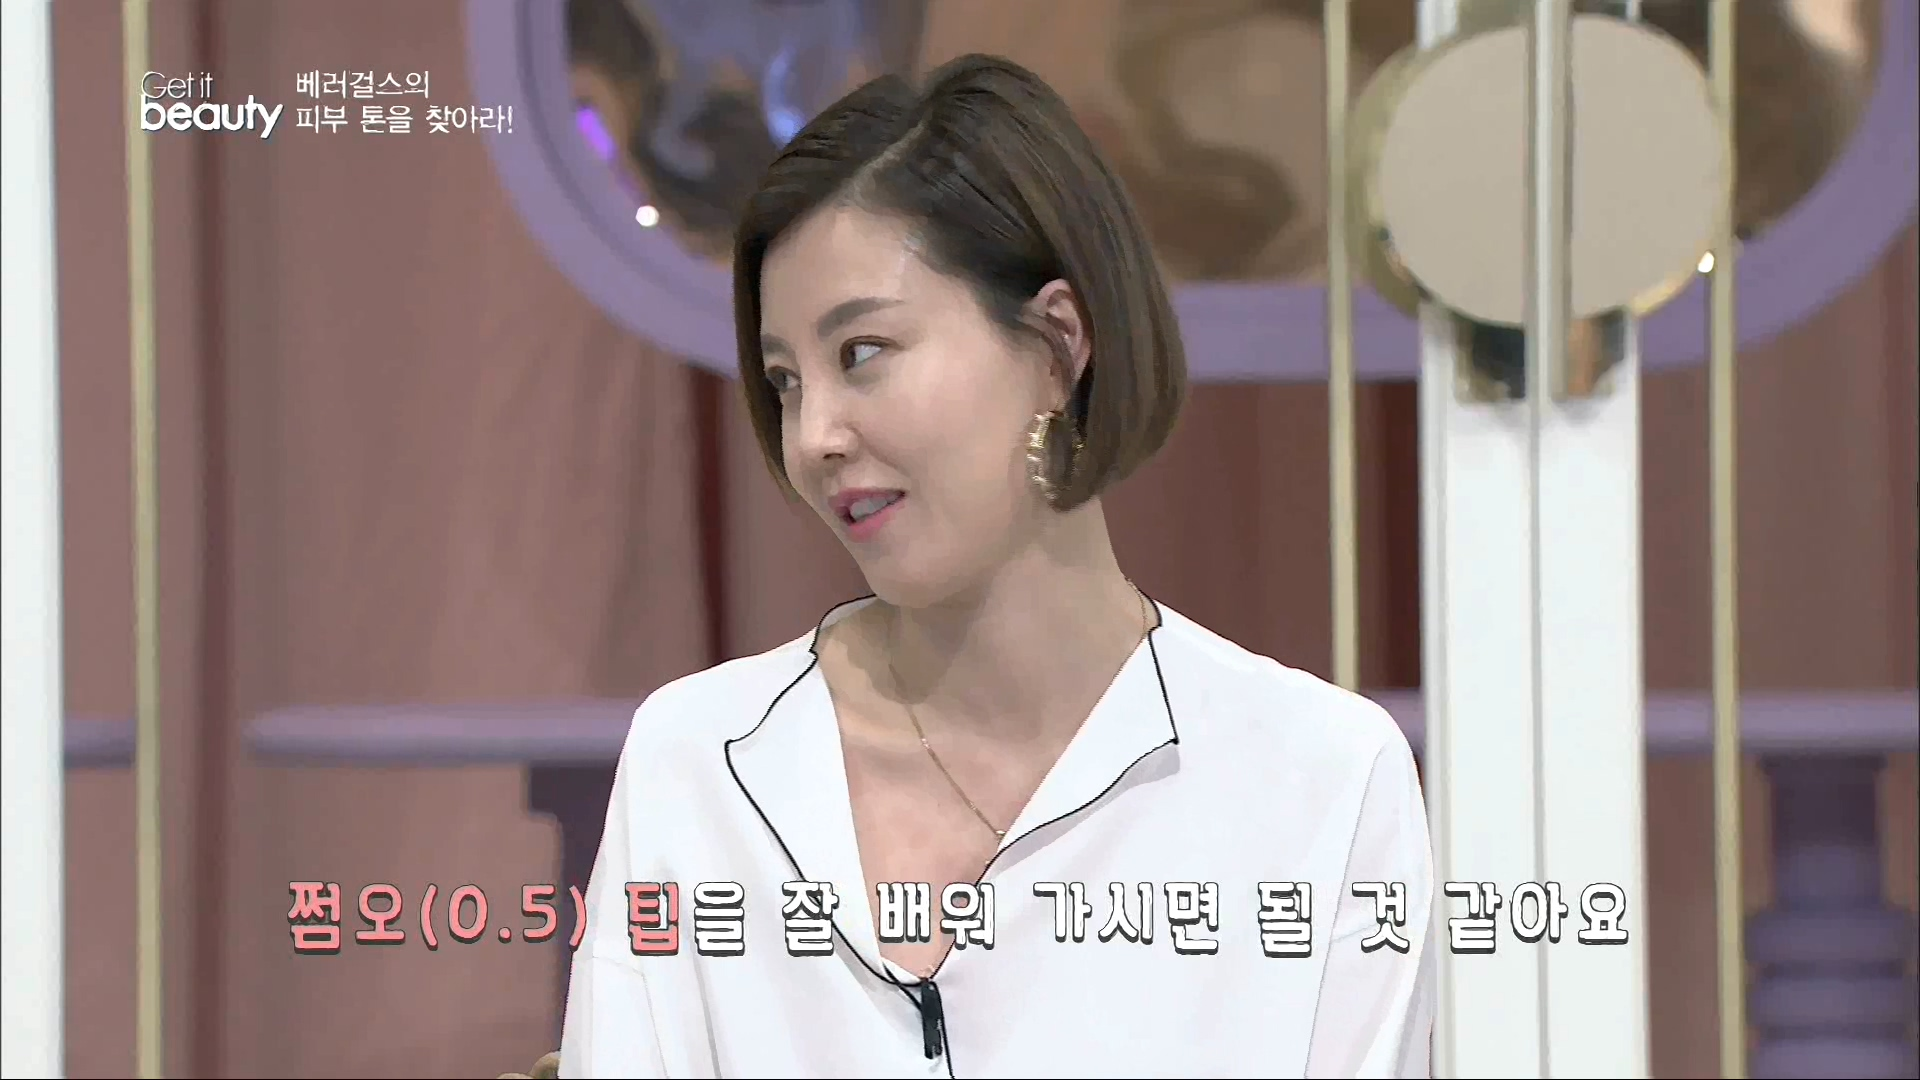 오늘 김수빈 메이크업 아티스트의 쩜 오(0.5) 팁을 배워가요~